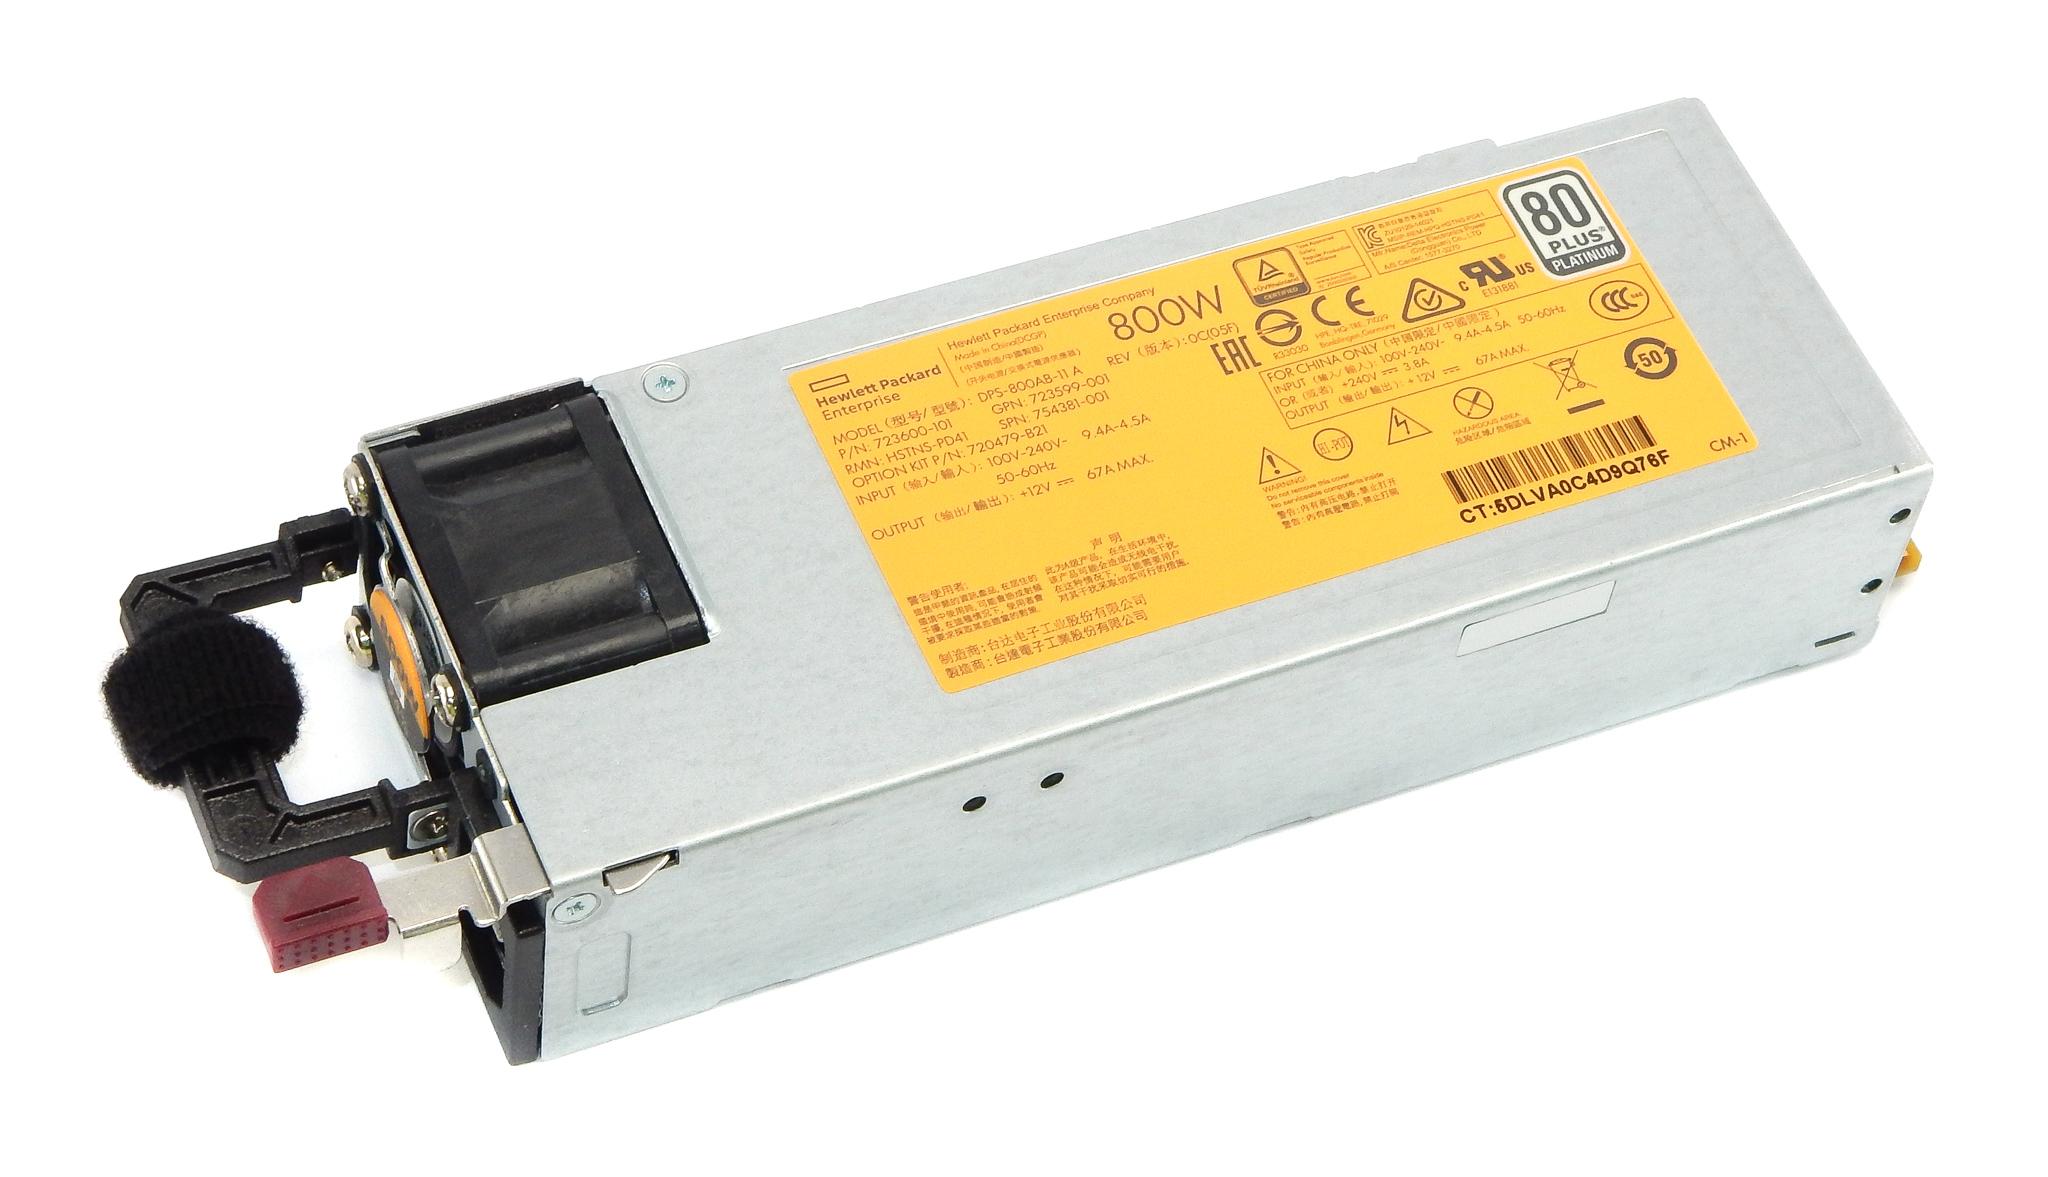 Genuine HP 754381-001 800W Power Supply Unit - DPS-800AB-11 A